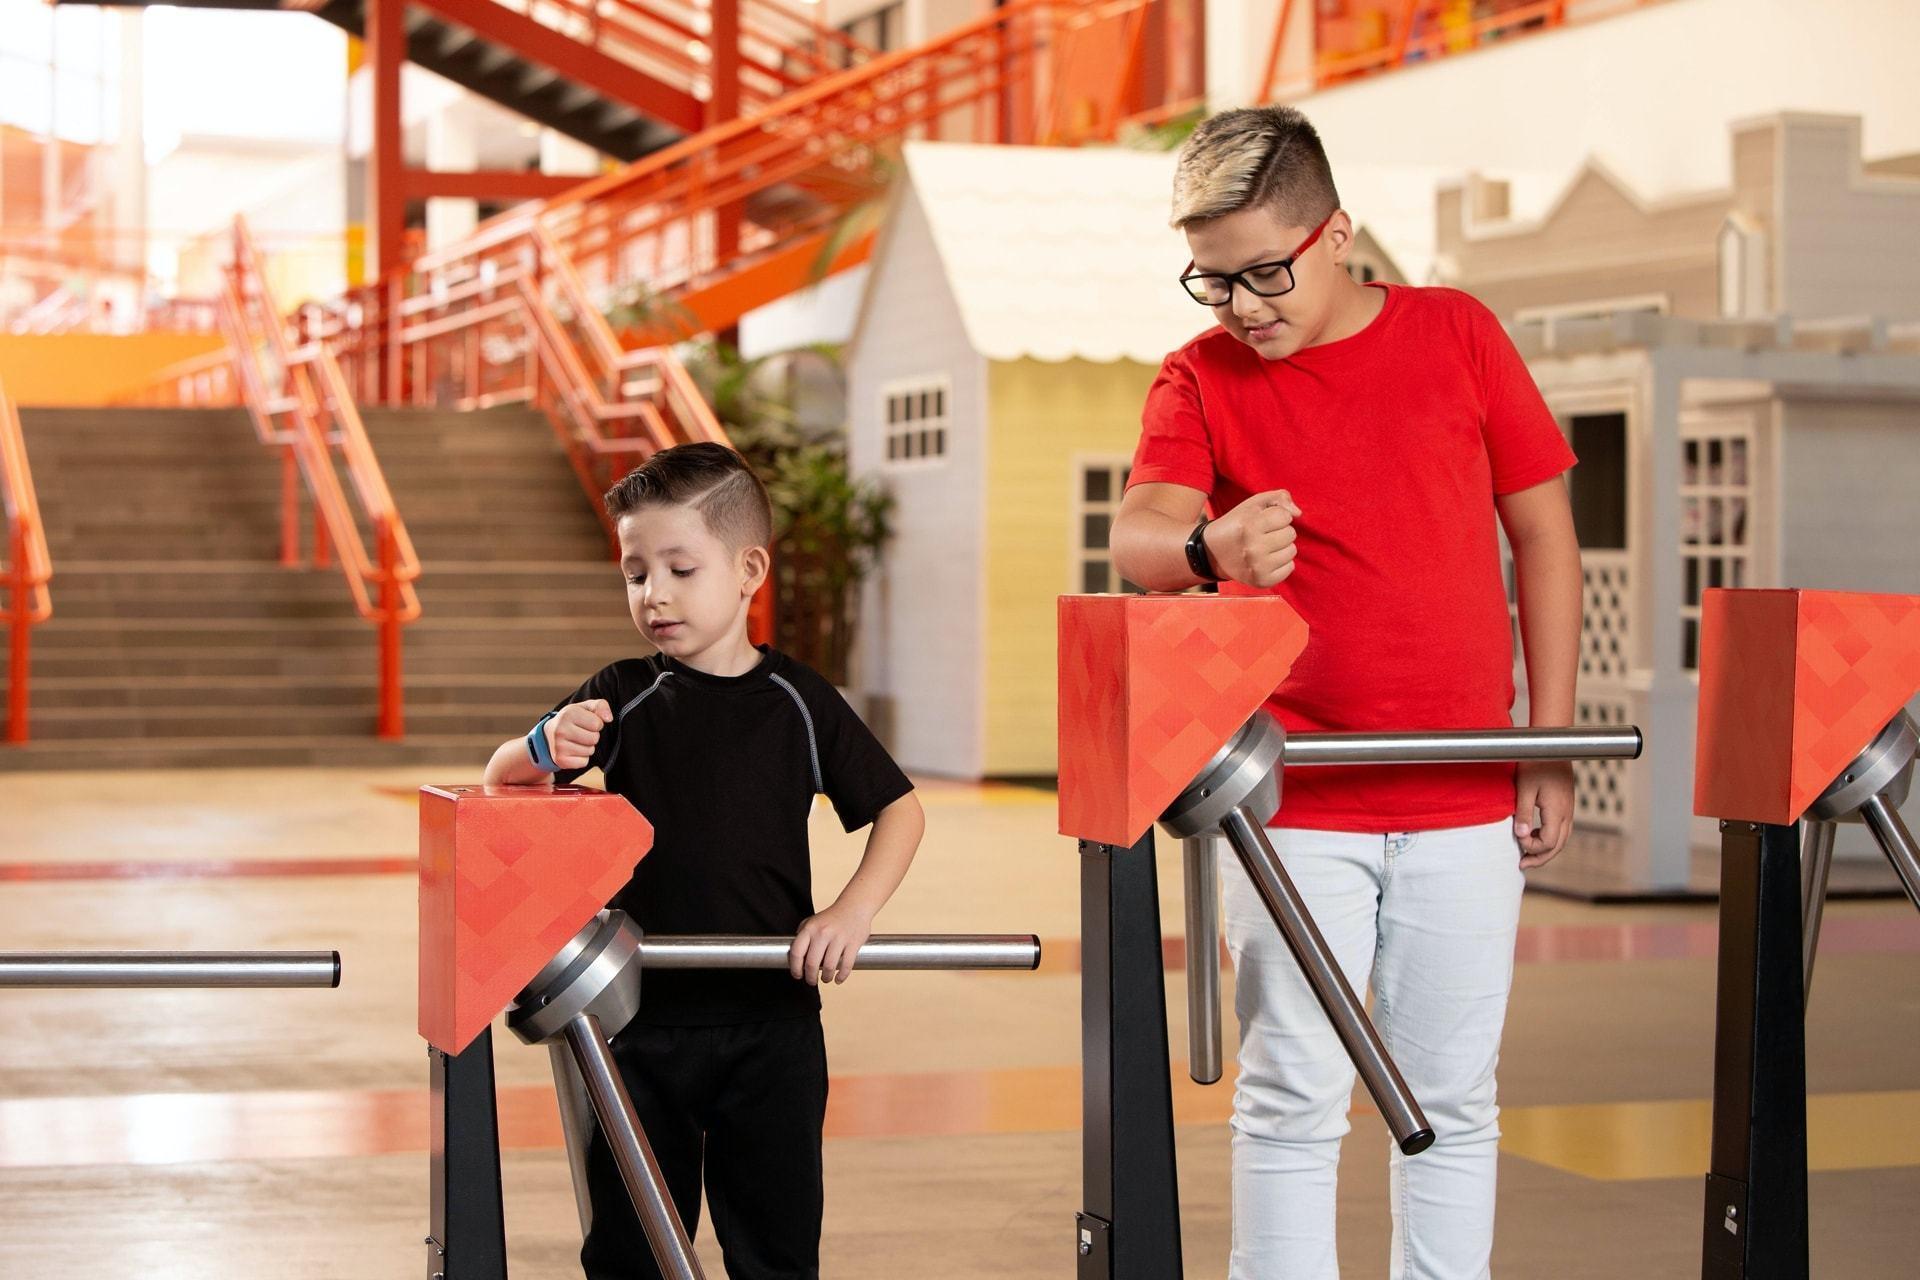 Duas crianças passando por catracas graças às suas pulseiras Schood.